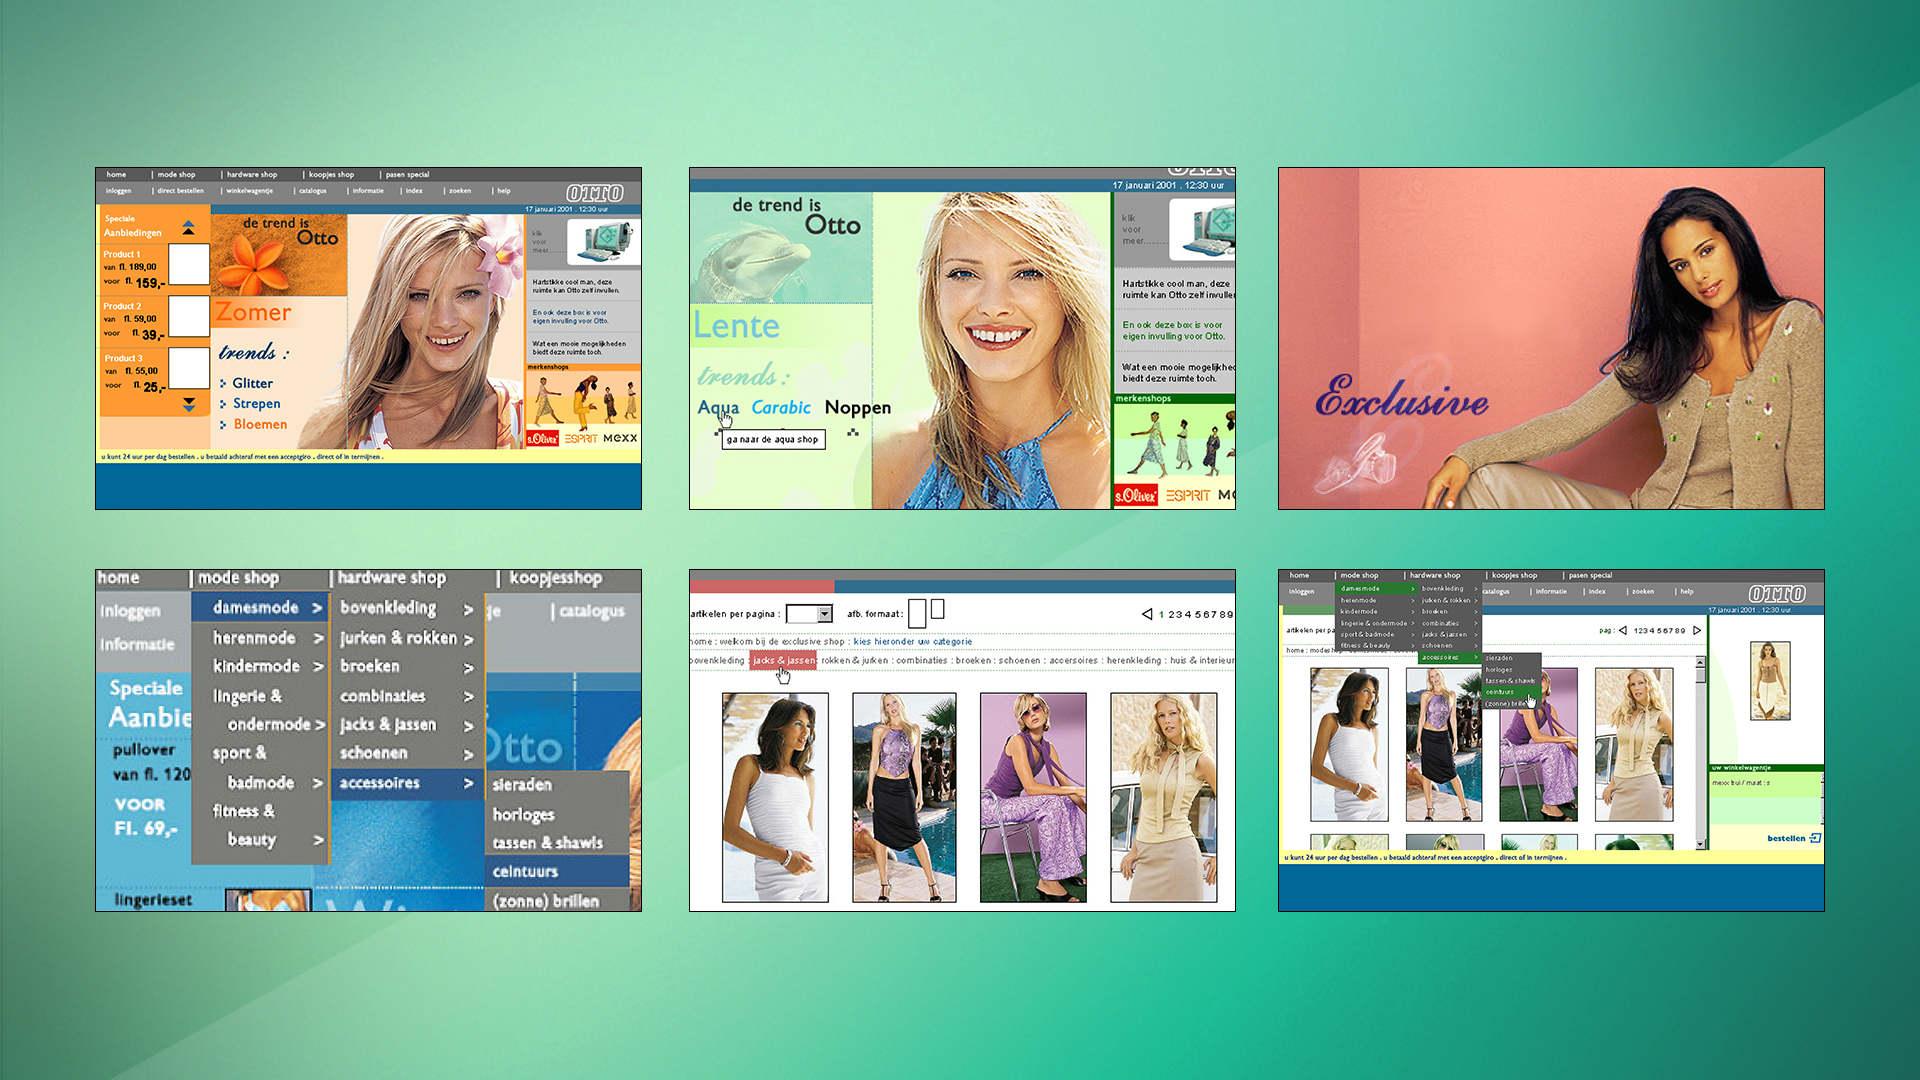 Otto - Webshop Online Rebrand - Sham Ramessar